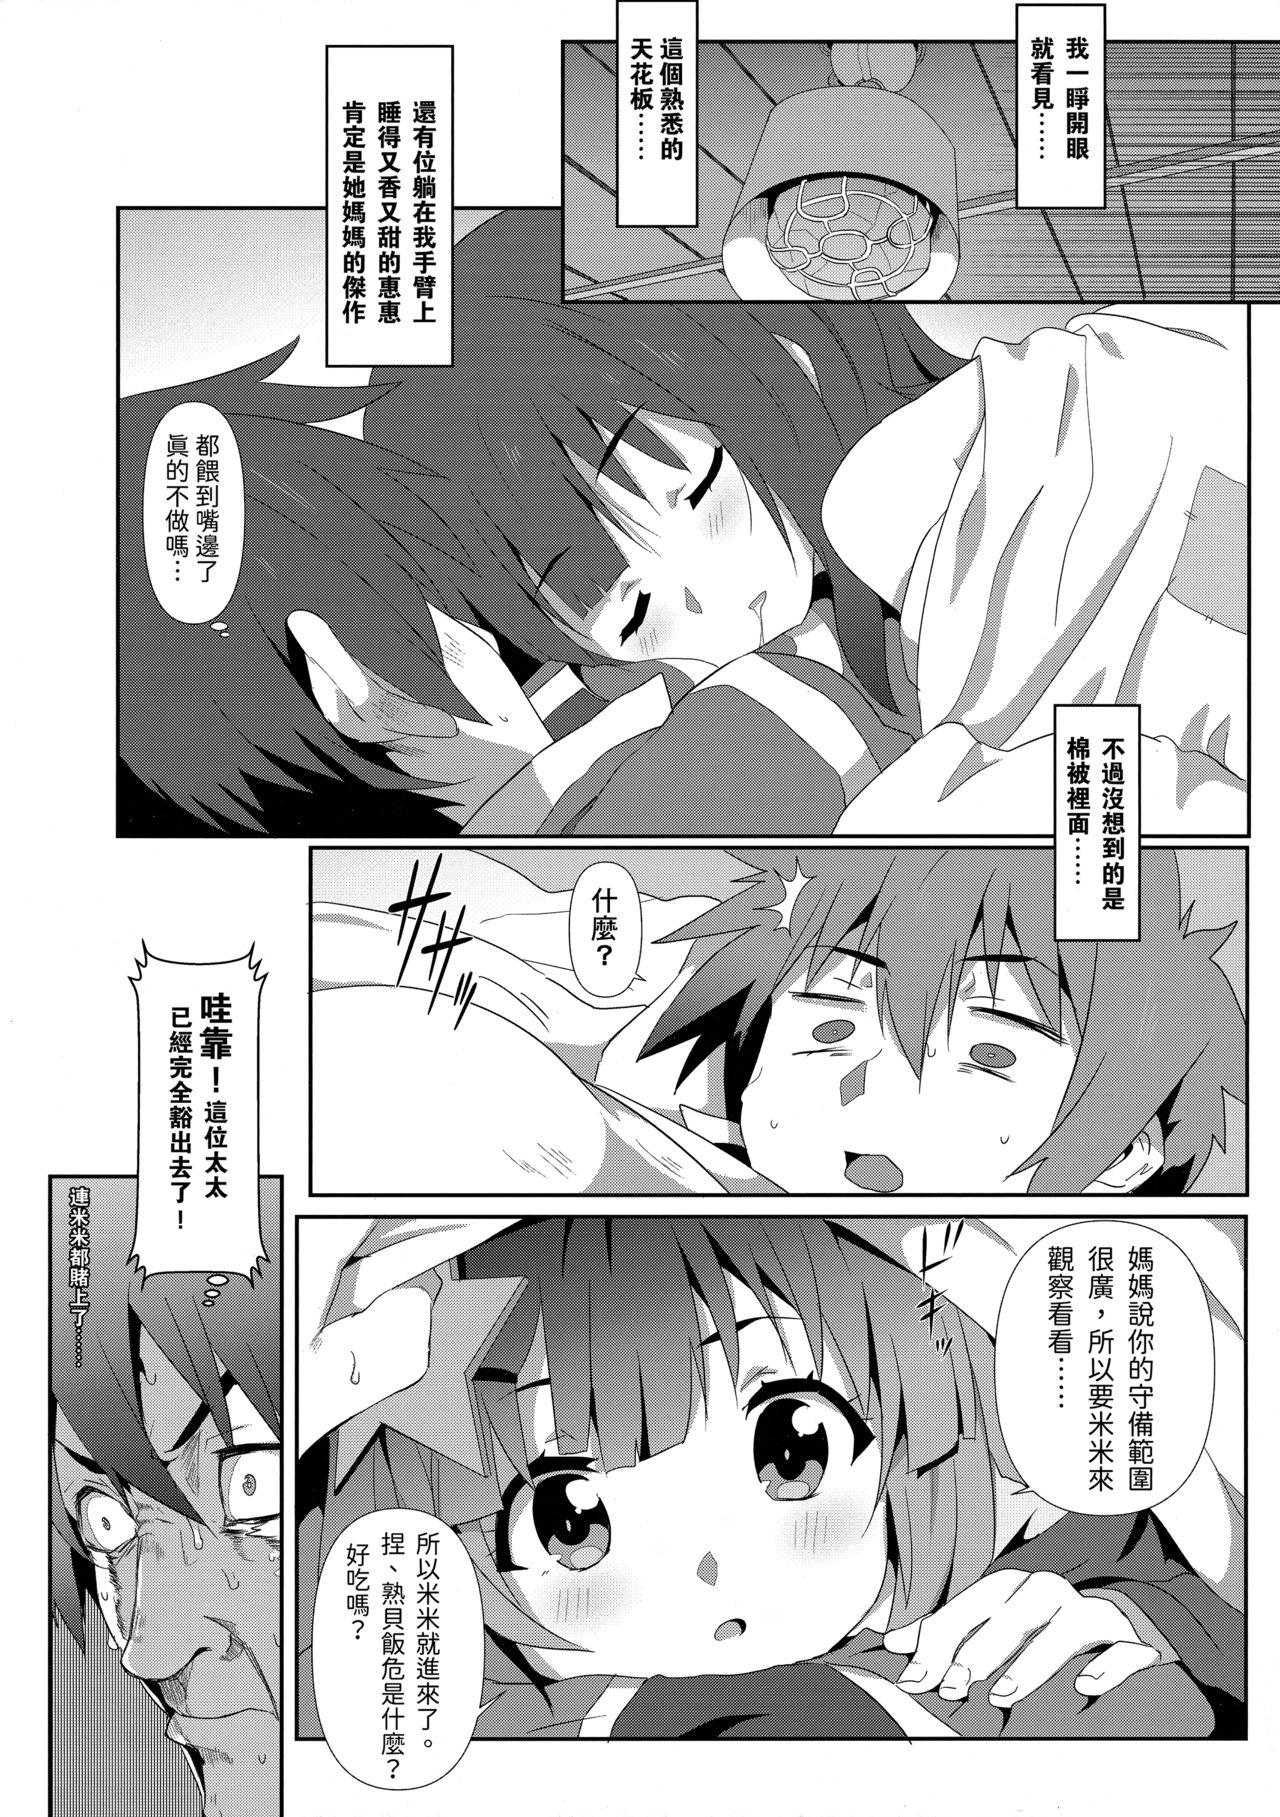 Megumin ni Kareina Shasei o! 6 | 為惠惠獻上華麗的爆射6! 7